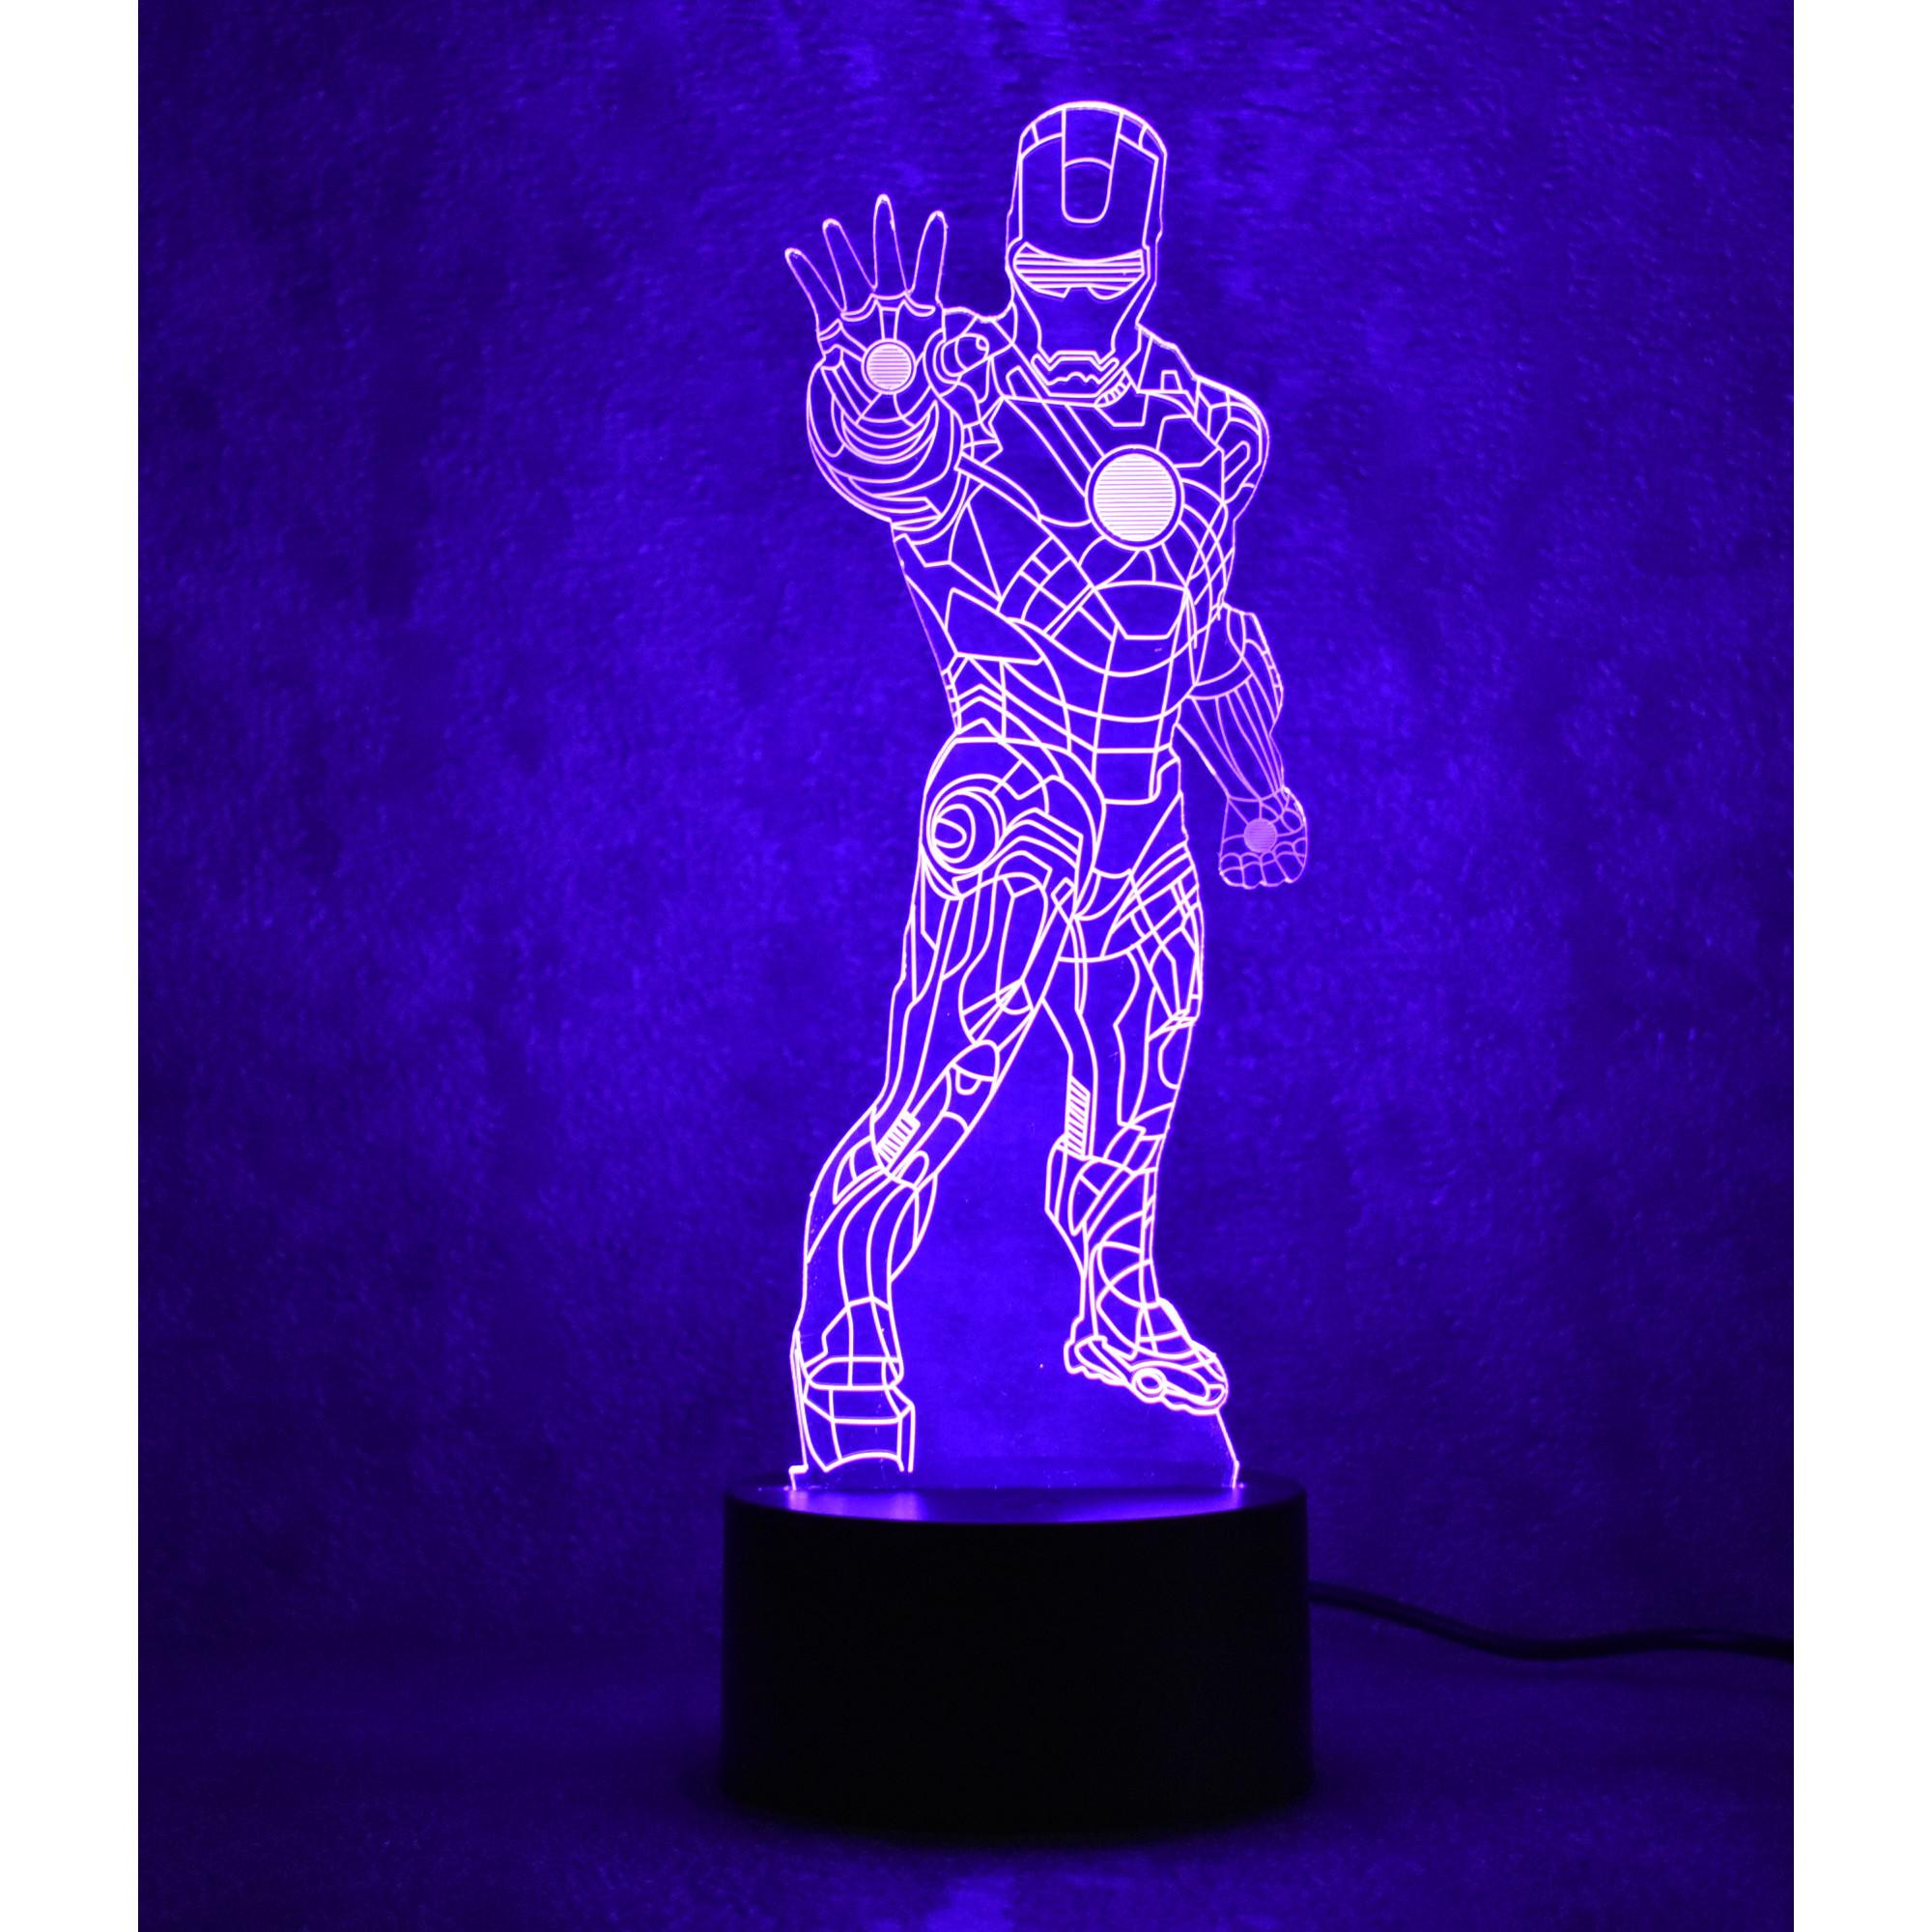 Đèn ngủ 3D led 7 màu cảm ứng